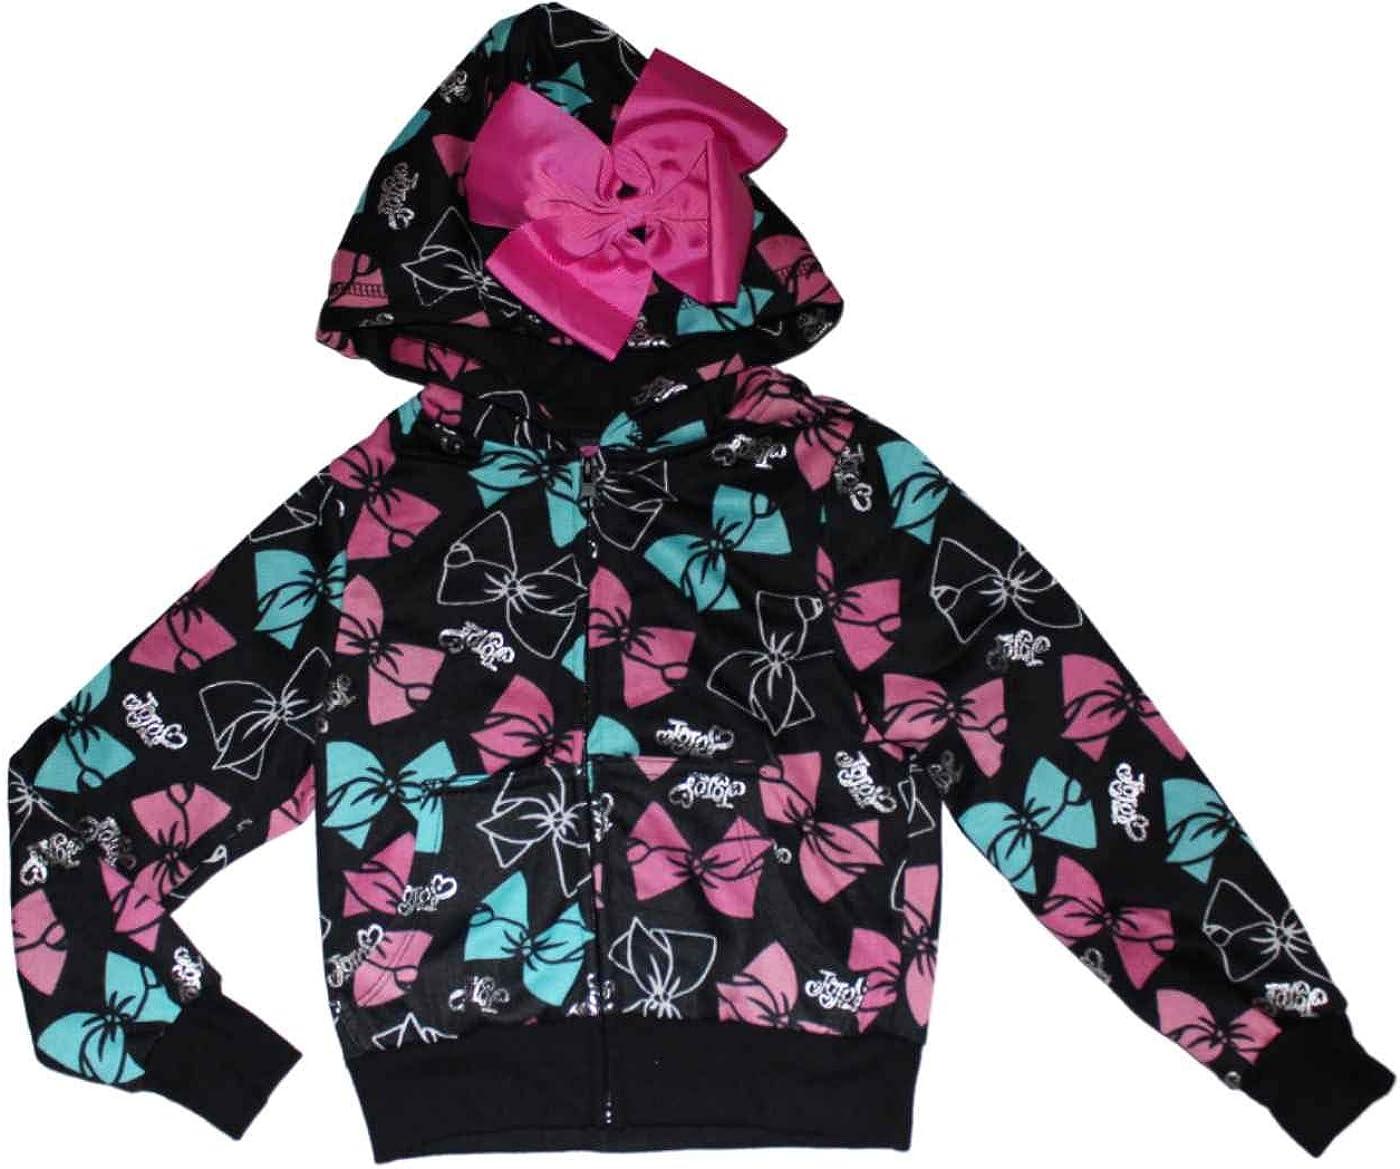 NEW Jojo Siwa Kids Boys Girls Clothes Hoodies Sweatshirt Hoodie Top Coat Gifts